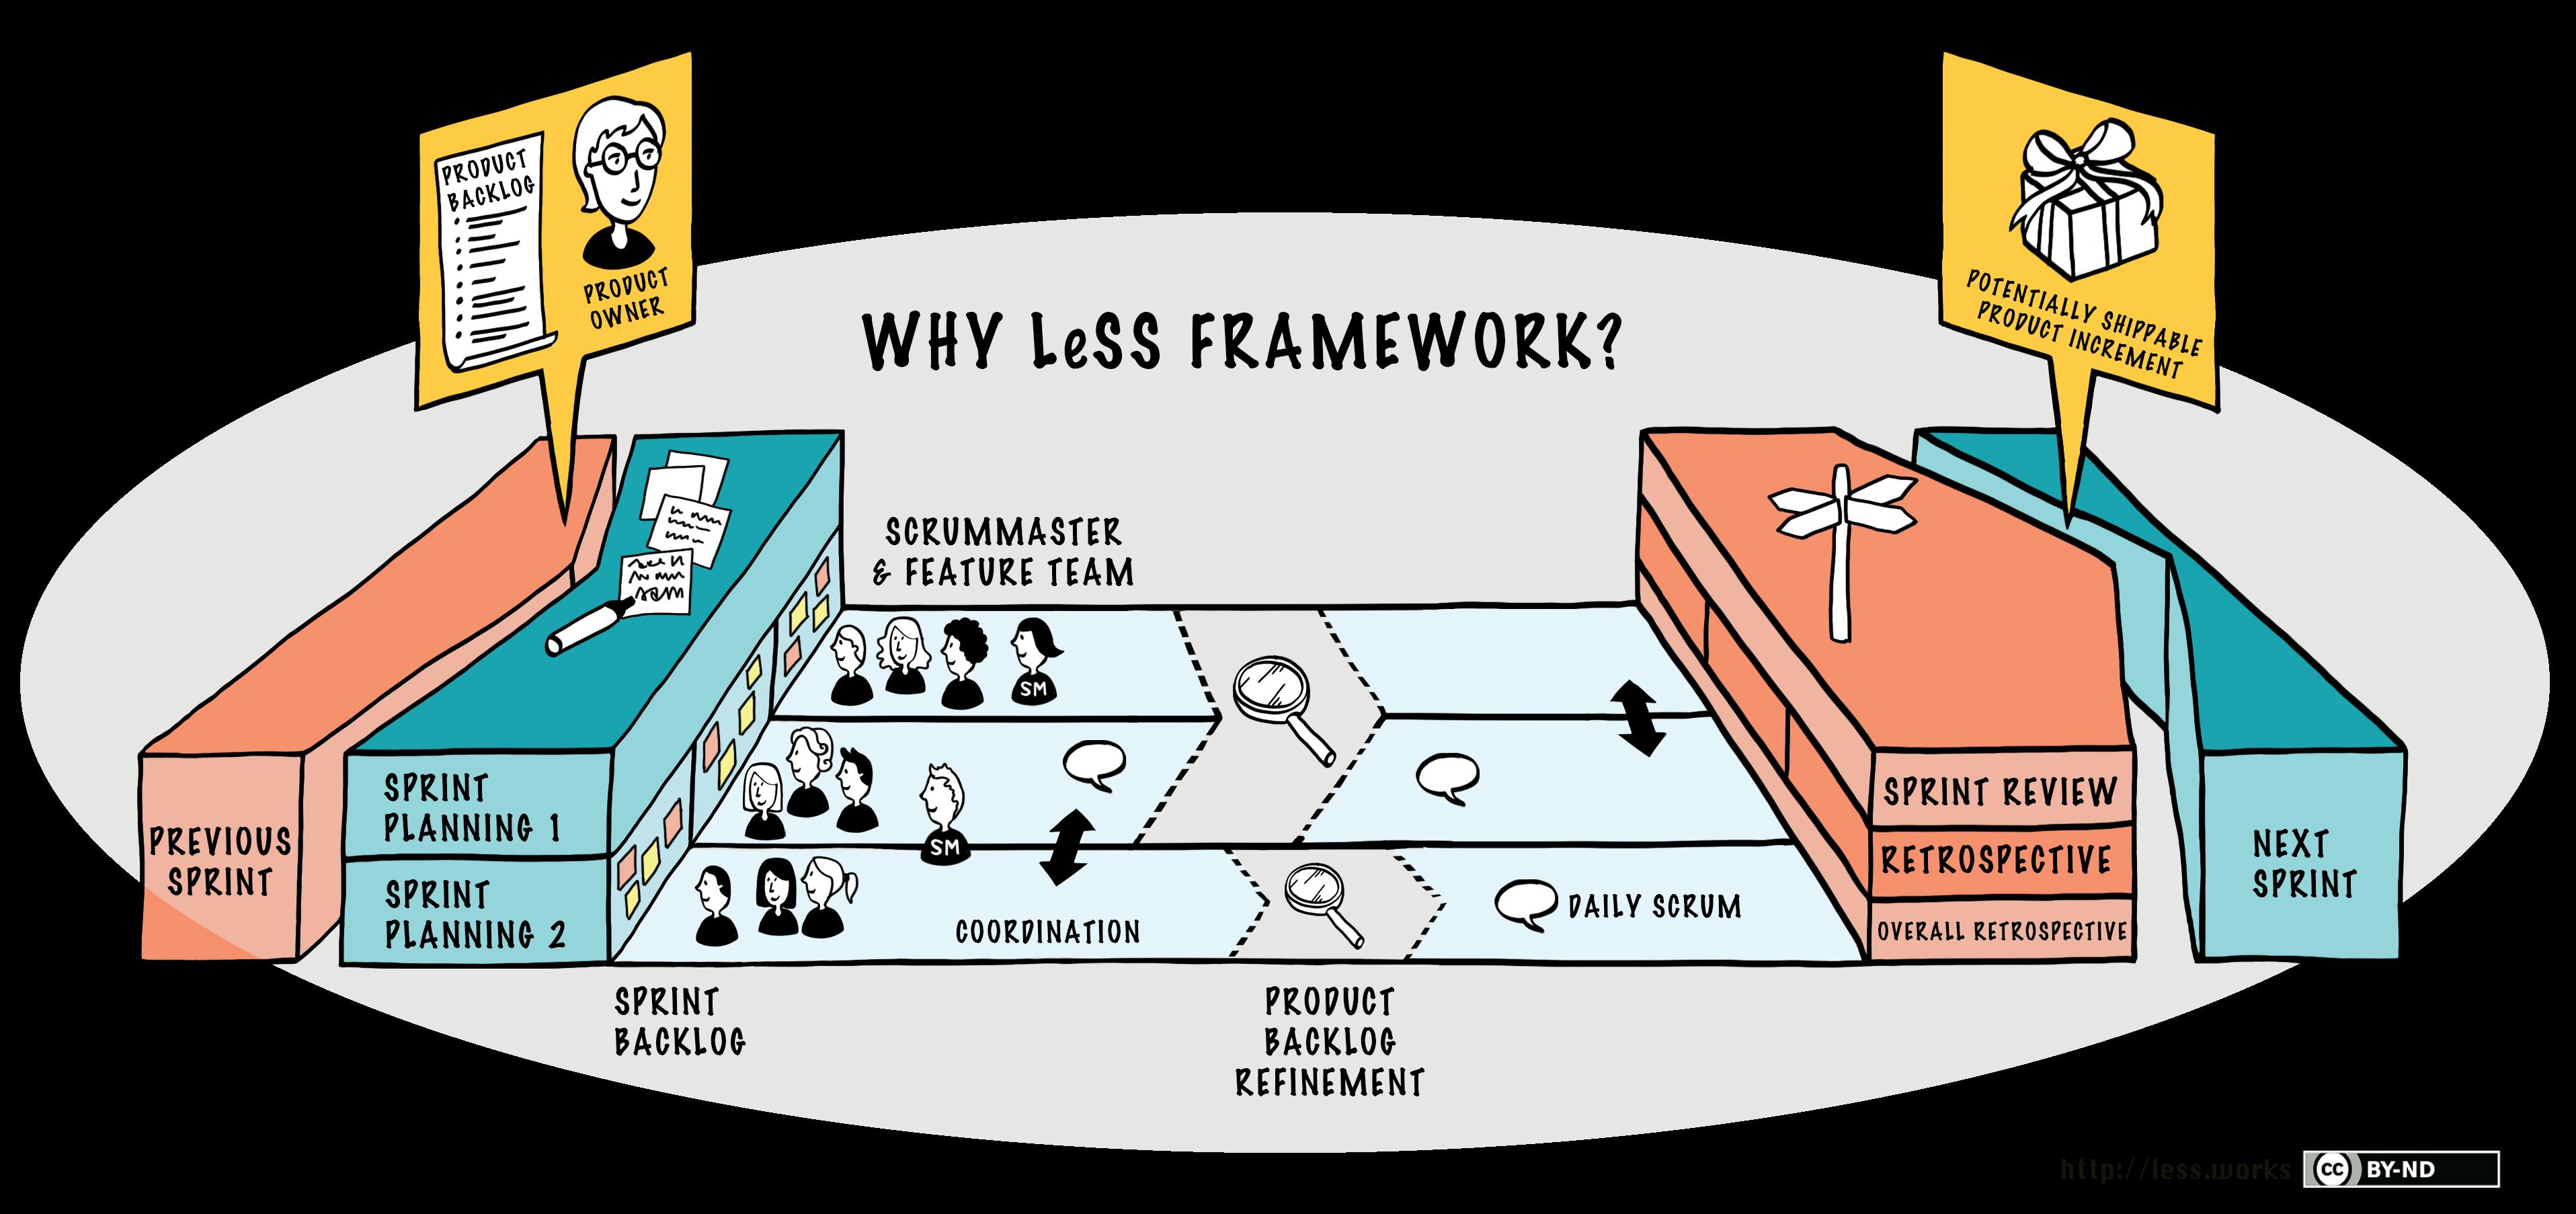 Illustratie van waarom er minder framework zou moeten zijn